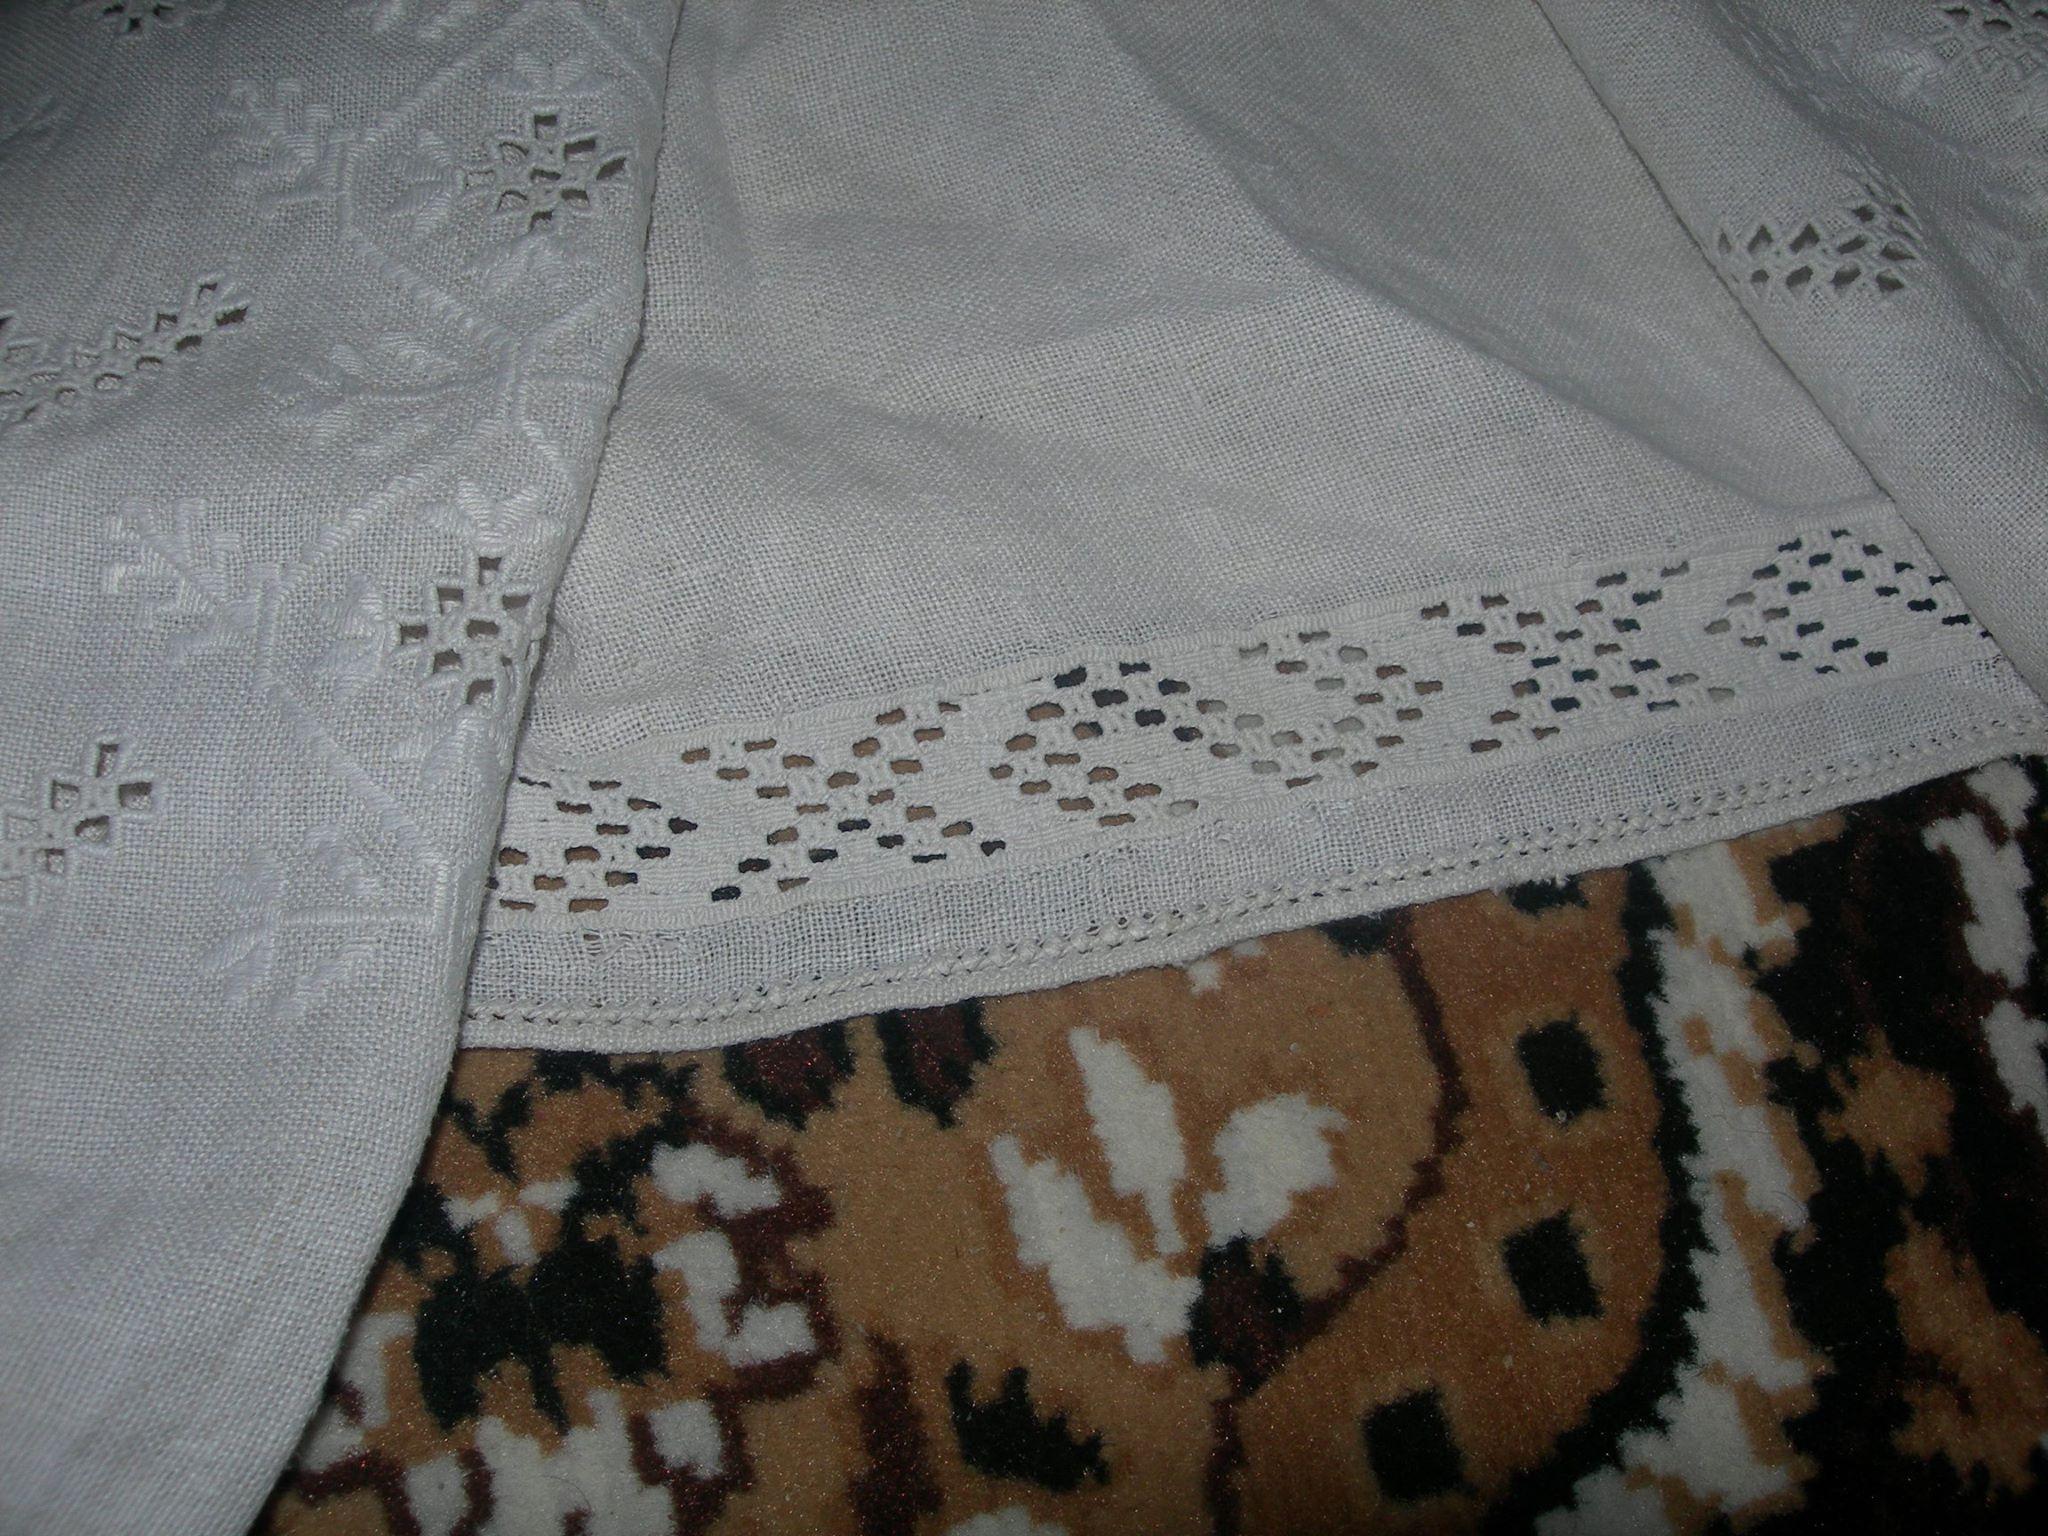 Pin by Olga Kapko on Білим по білому  6e4d12c852669